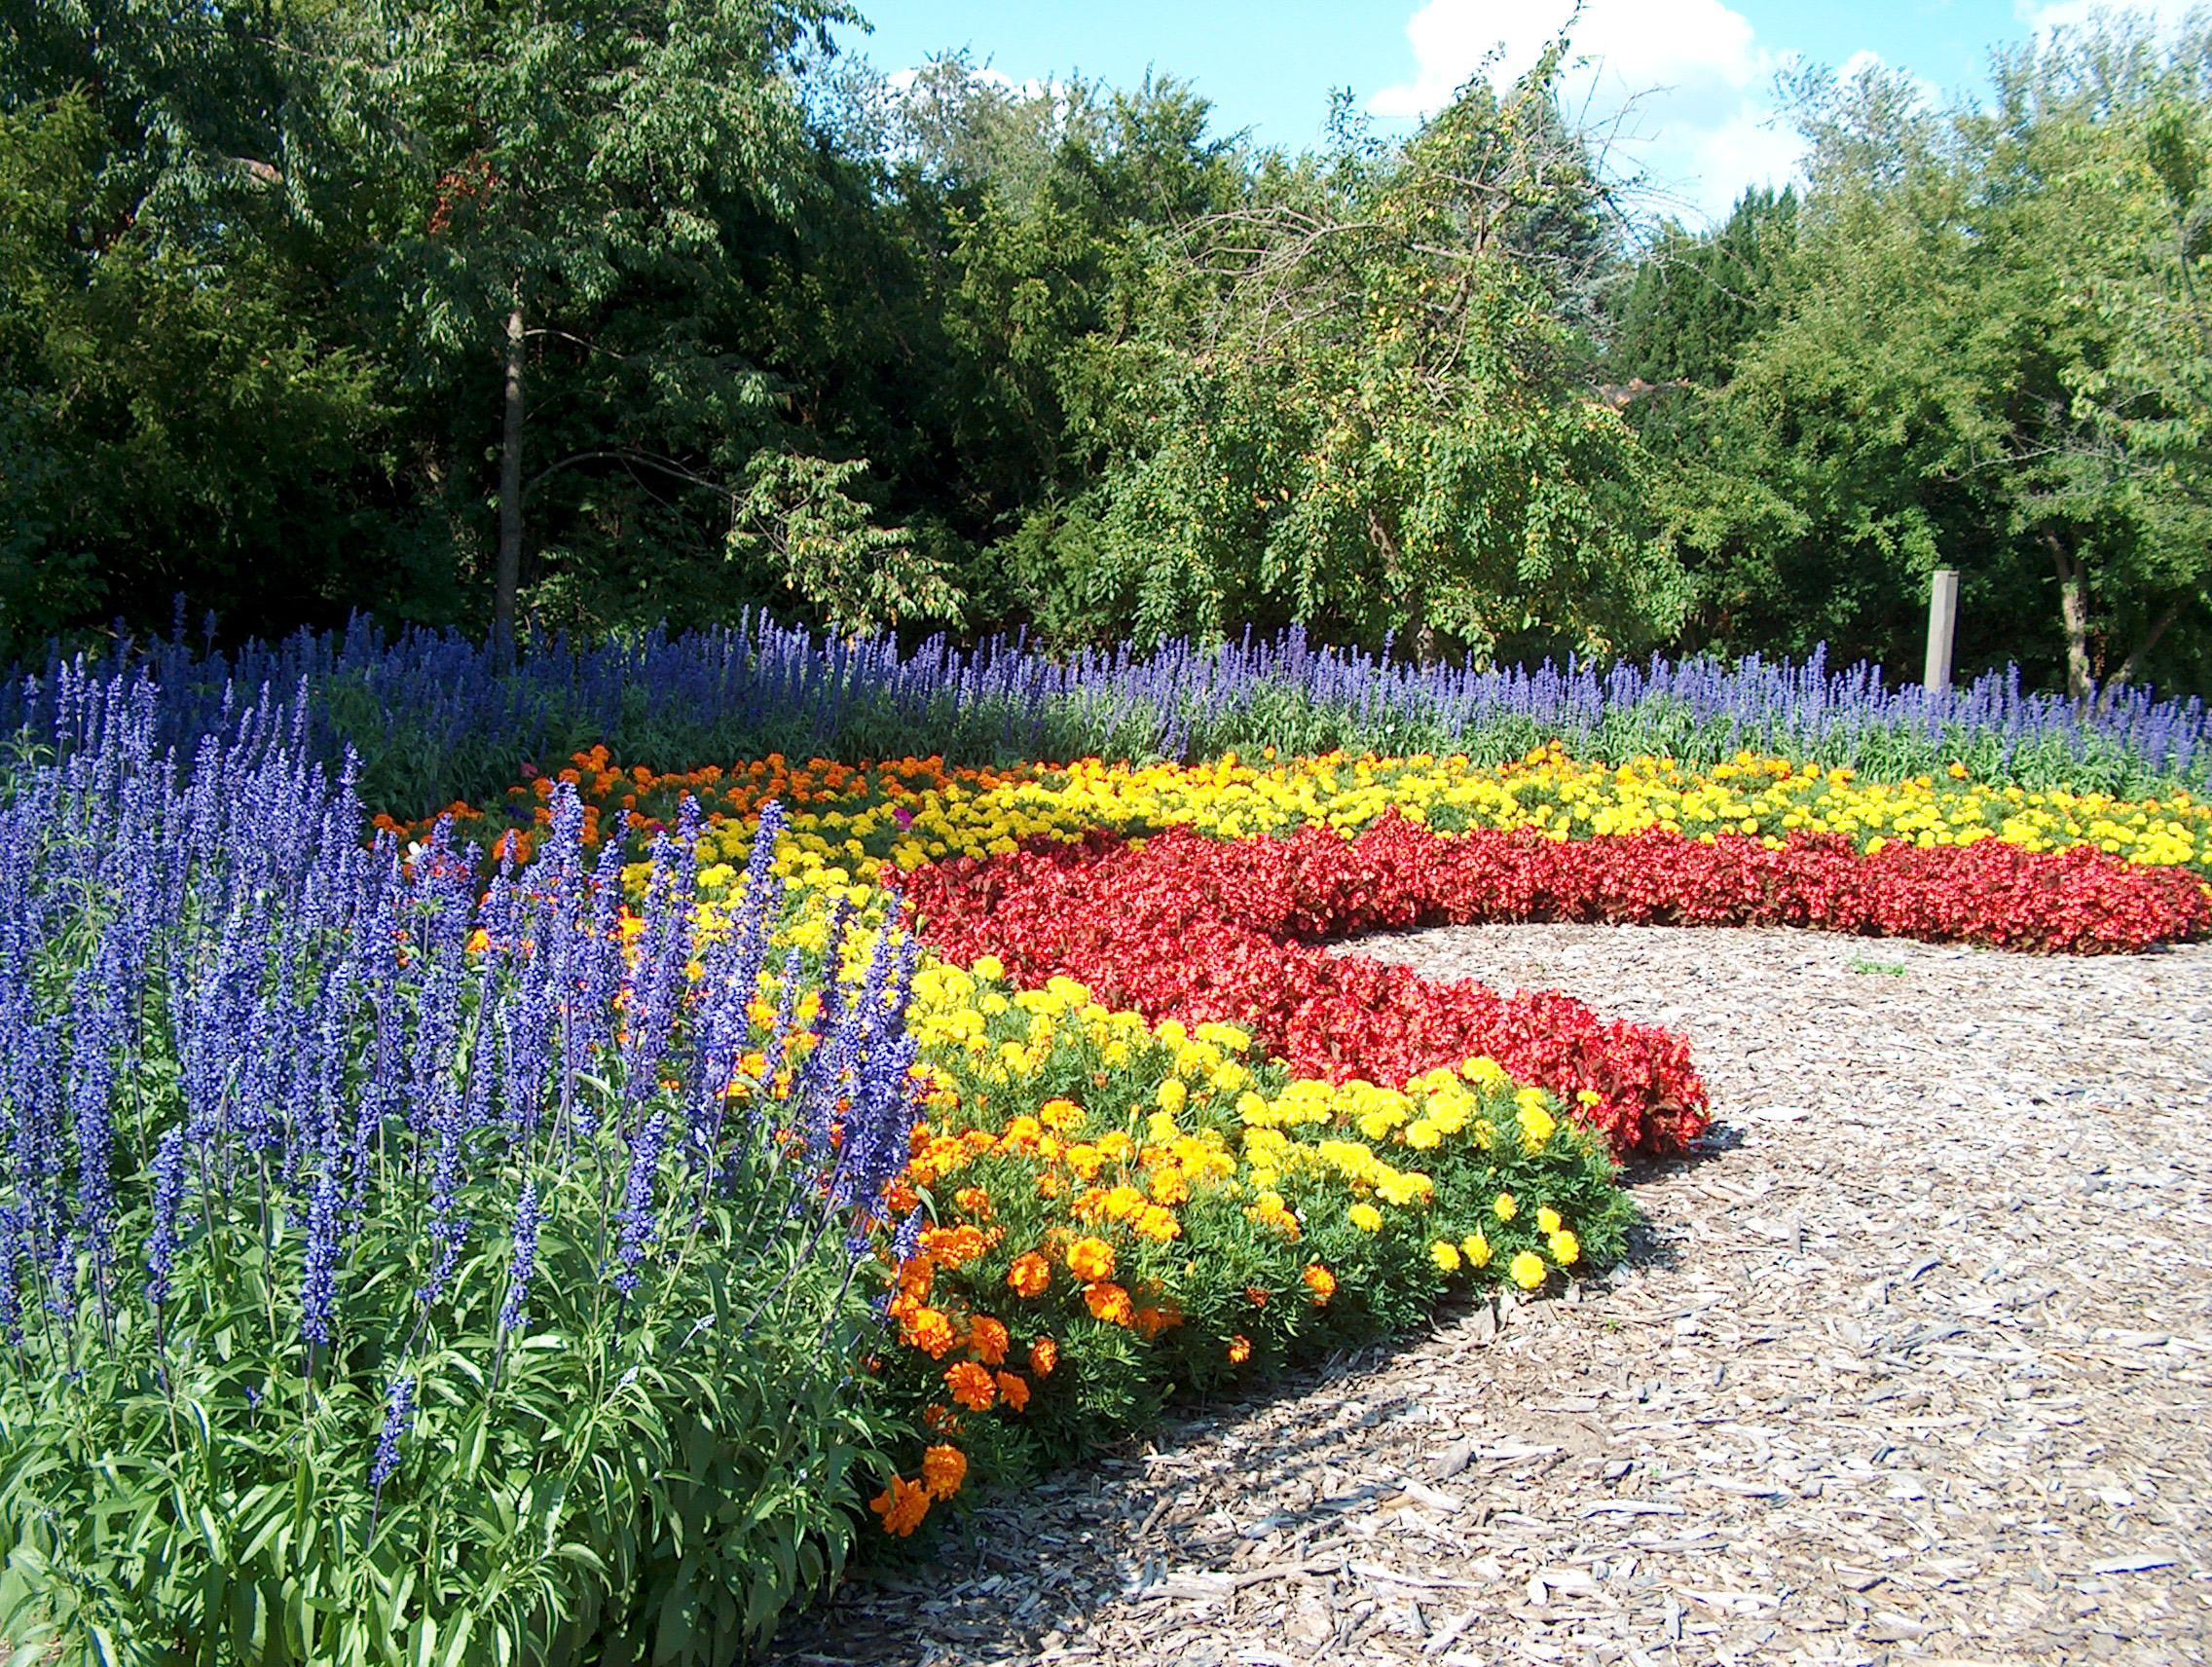 Superieur Images. Klehm Arboretum U0026 Botanic Garden ...